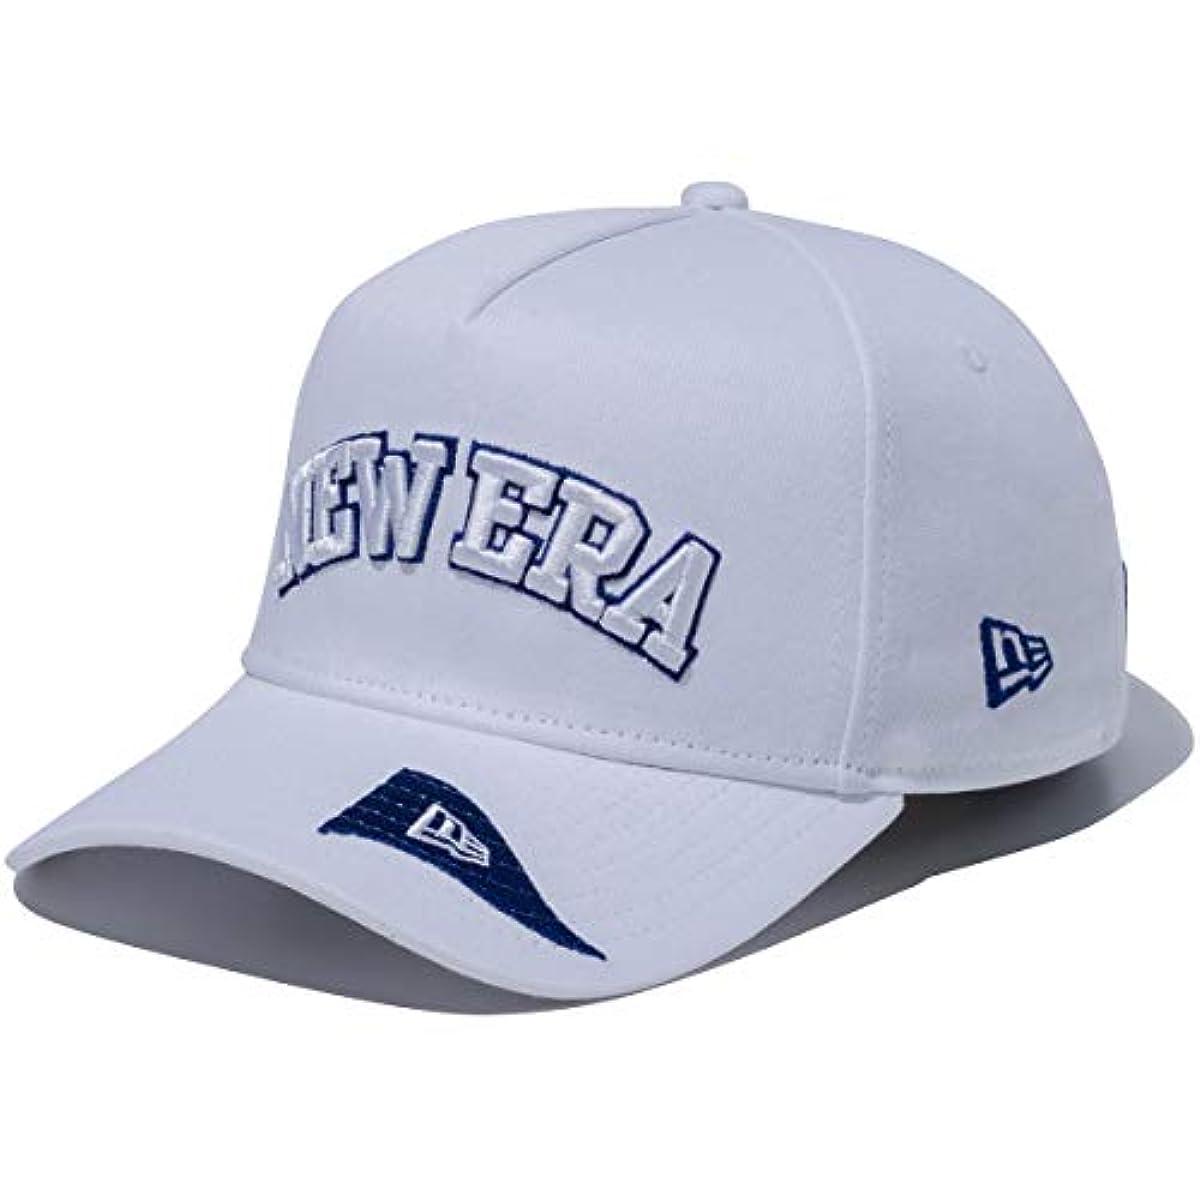 [해외] NEWERA(NEW ERA)NEWERA  골프 캡 washer 블루